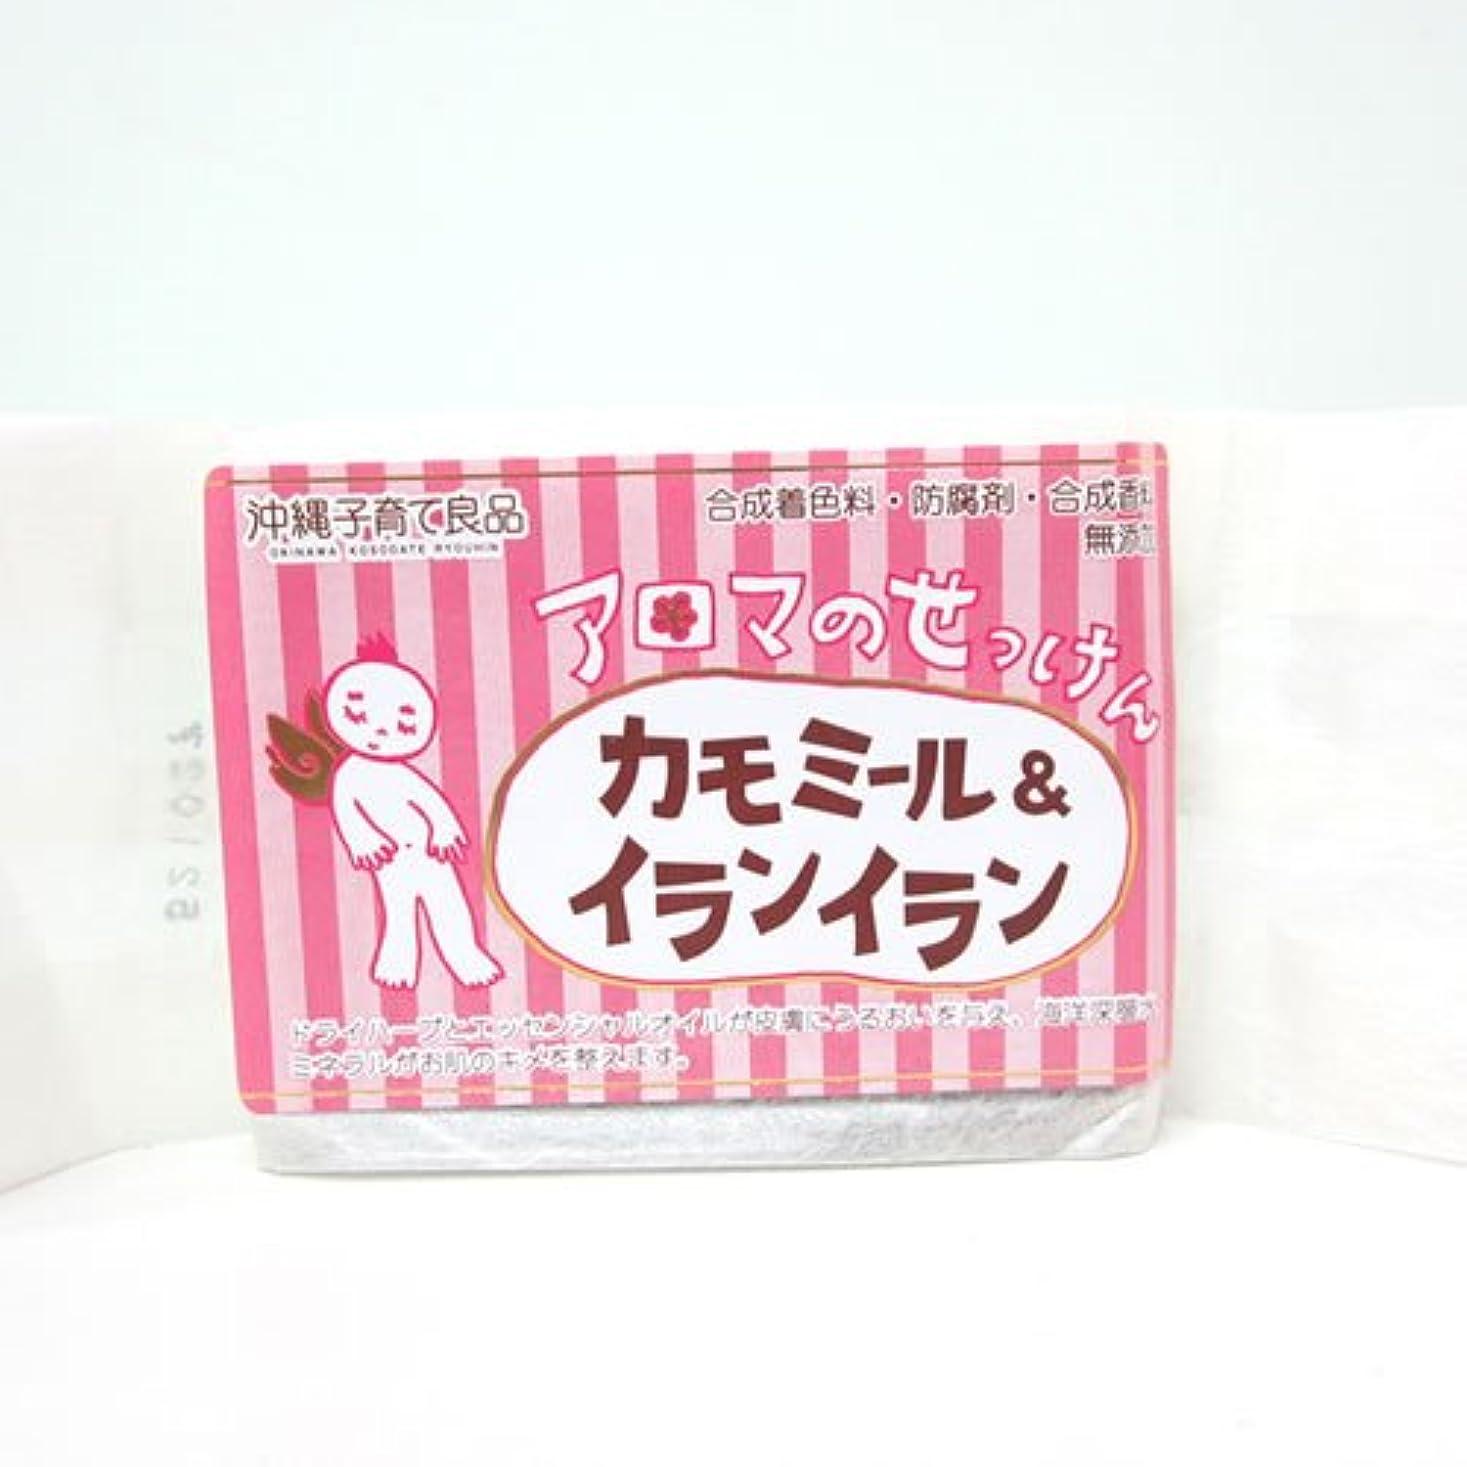 パッケージ兵士楽しむ沖縄子育て良品 アロマのせっけん カモミール (100g)